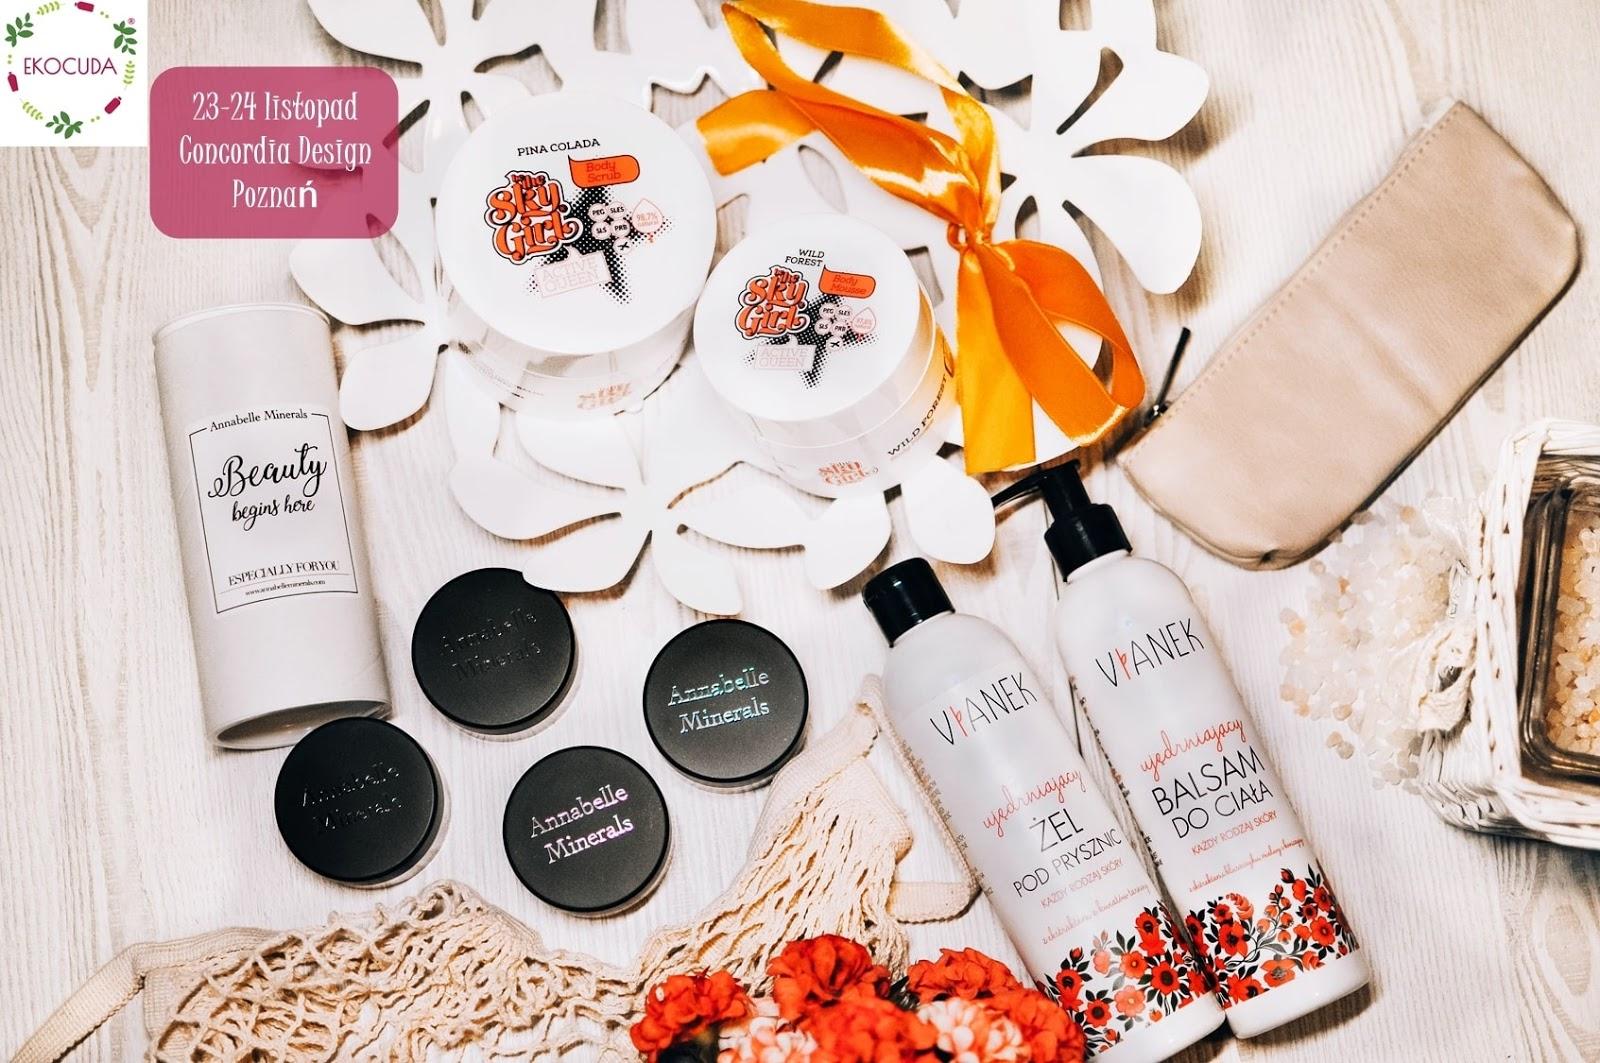 Gdzie kupić naturalne kosmetyki - Ekocuda Poznań 23-24 listopada